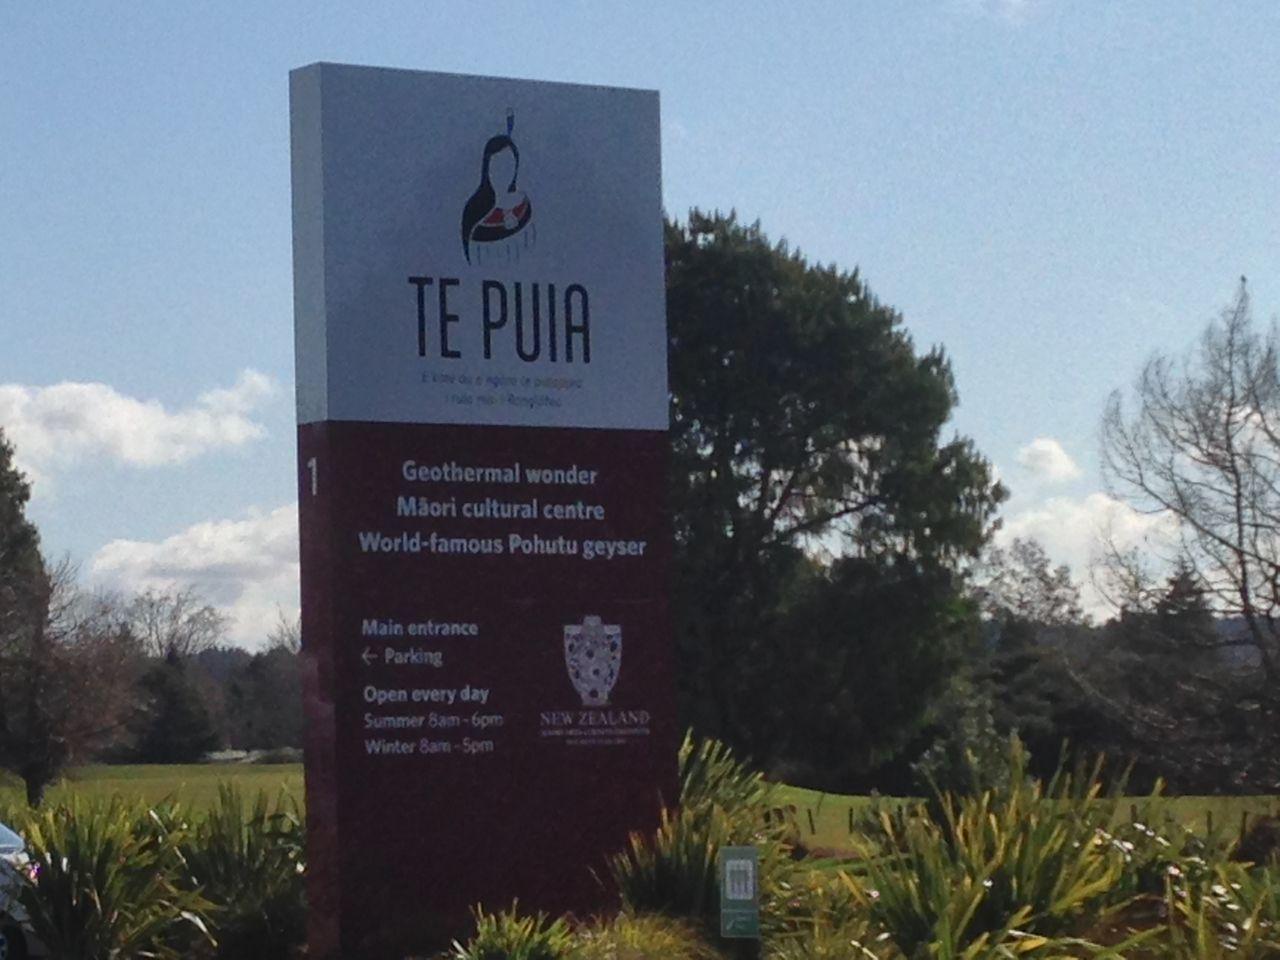 テプイア tepuia